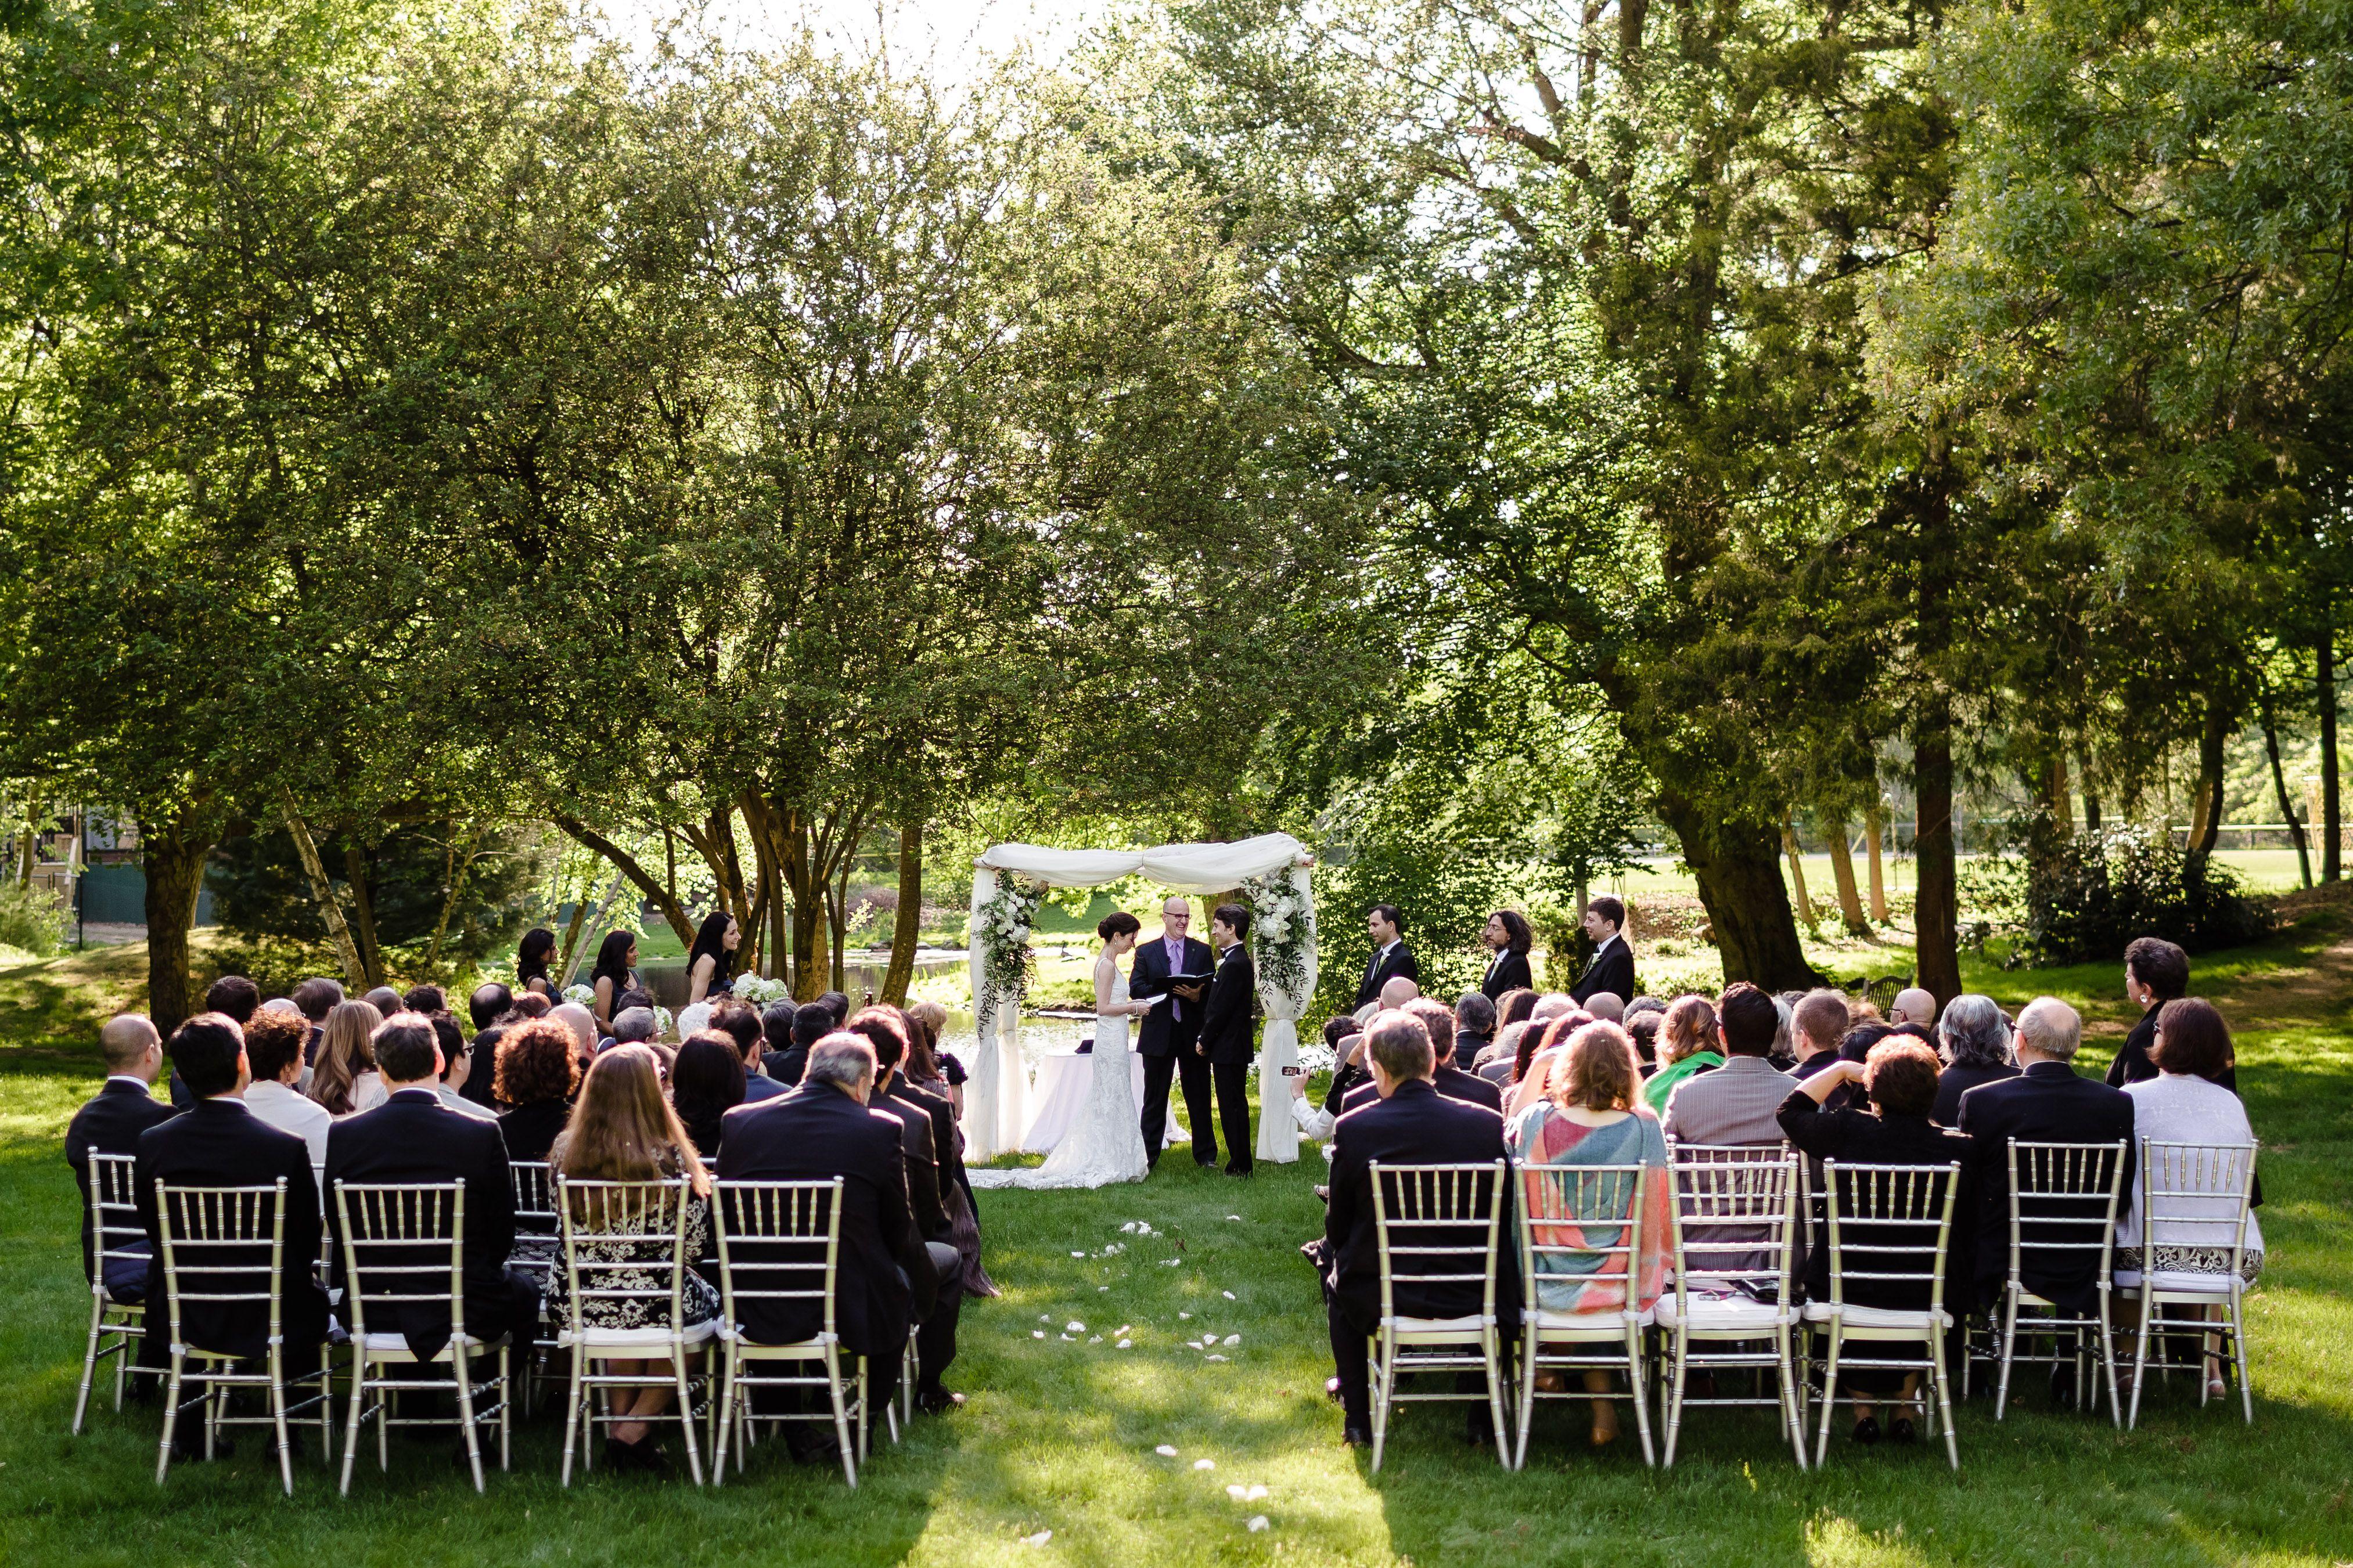 #historic #wedding #pictures #beautiful #elegant #venue # ...